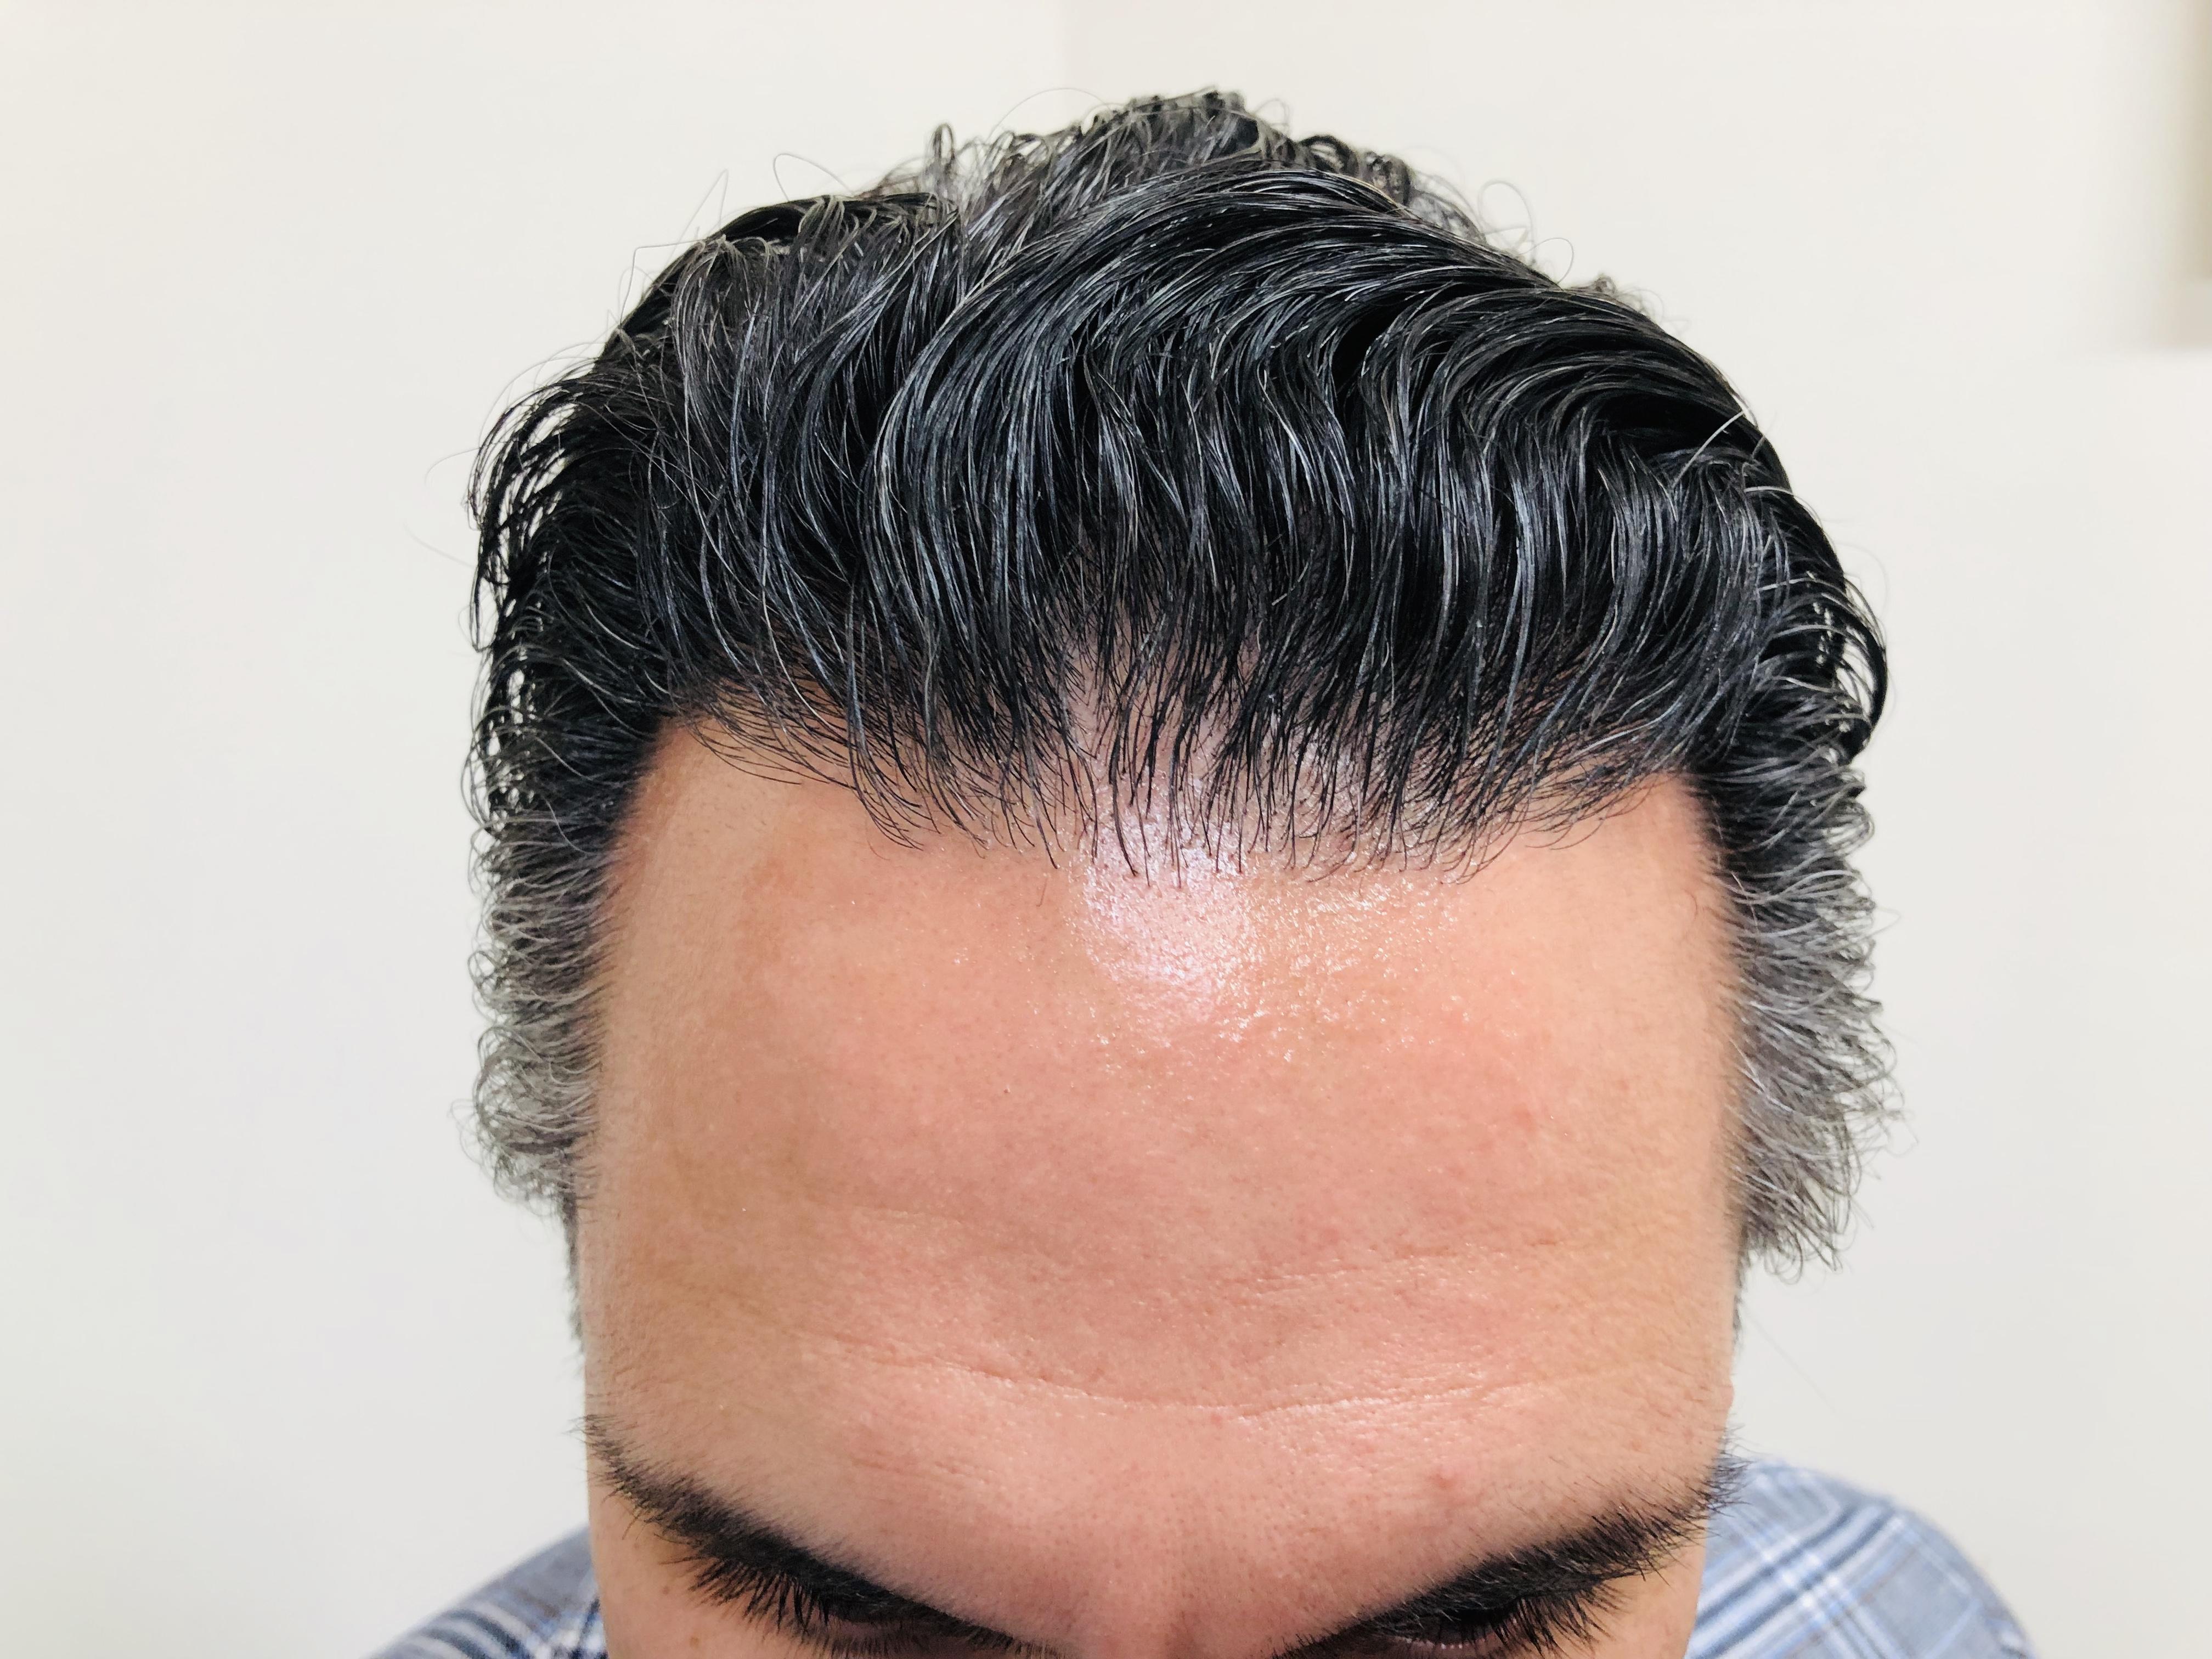 After Hair transplant at RHRLI